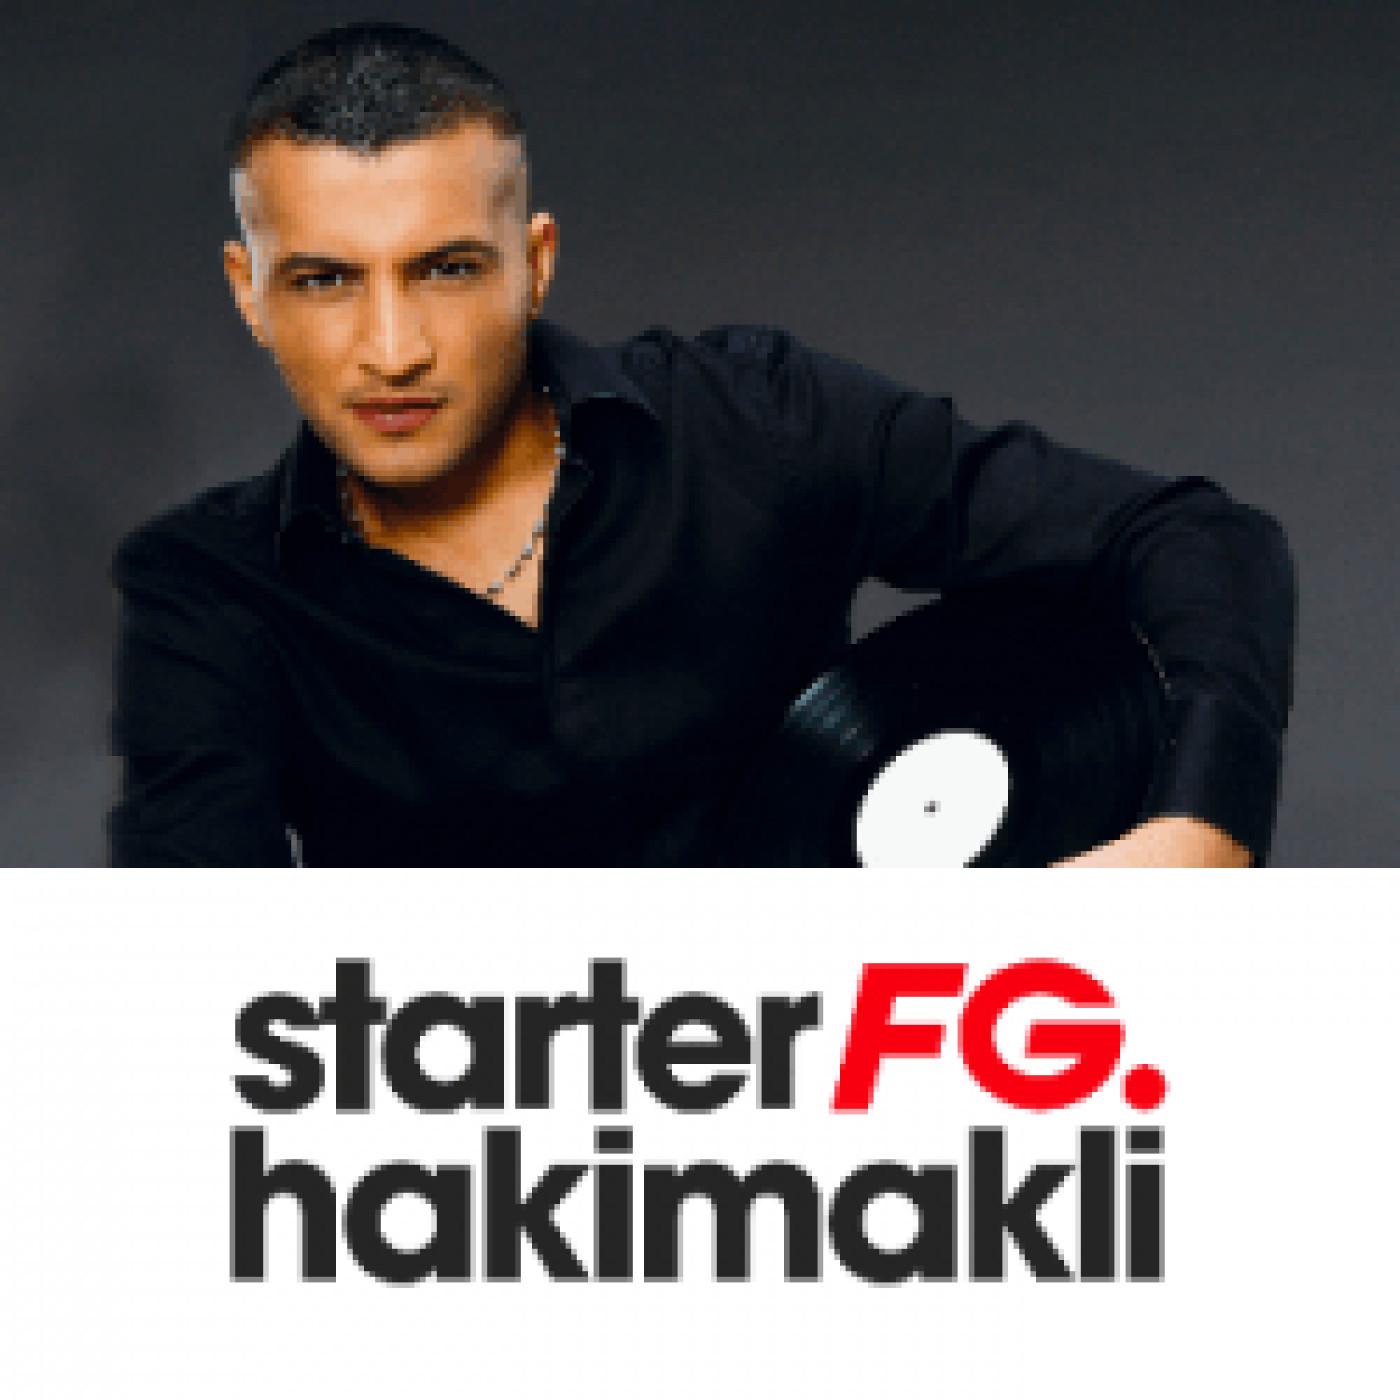 STARTER FG BY HAKIMAKLI MERCREDI 18 NOVEMBRE 2020